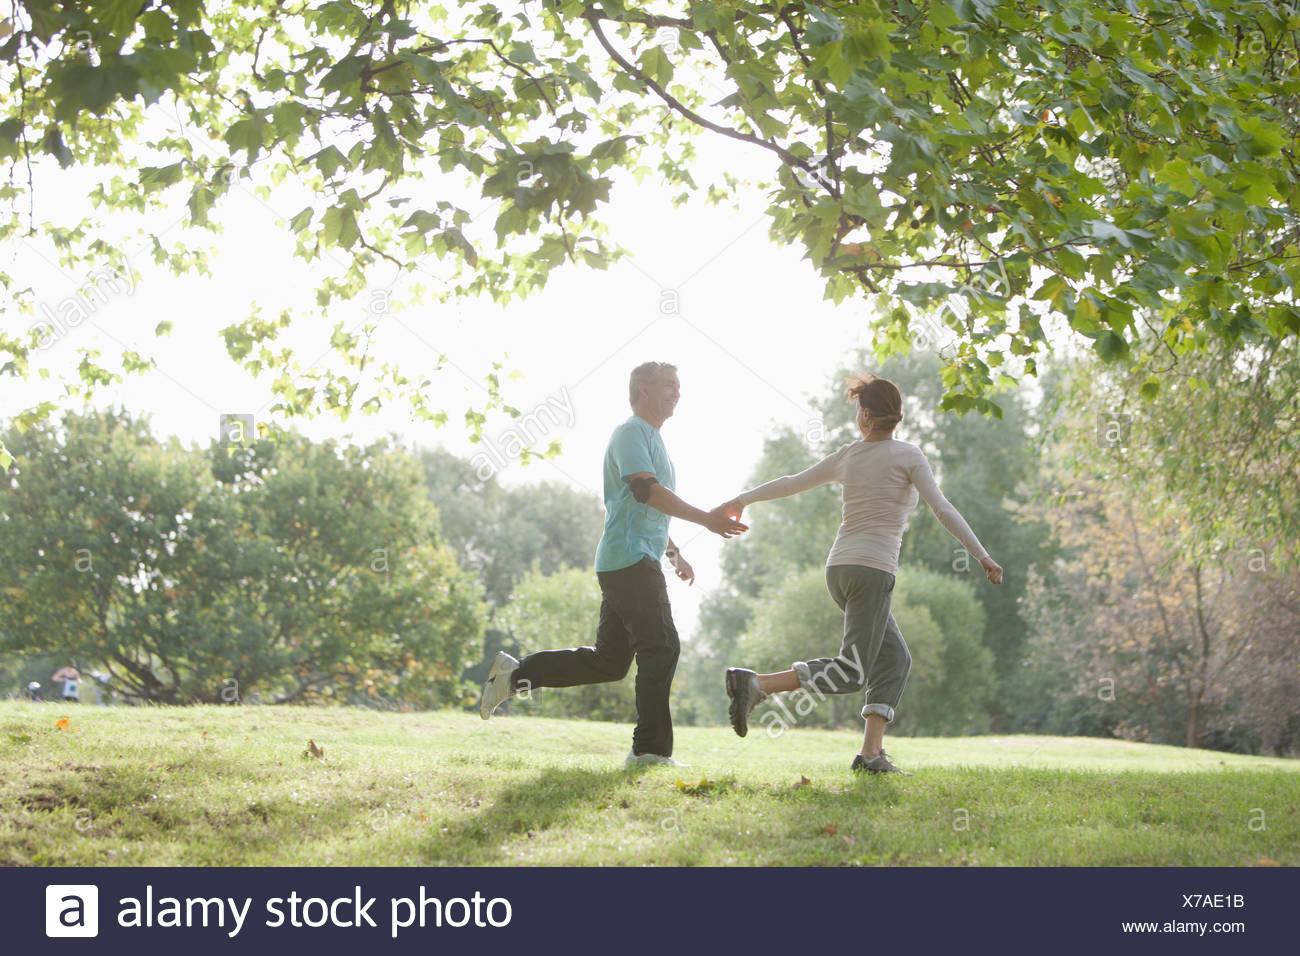 Paar jogging zusammen im freien Stockbild